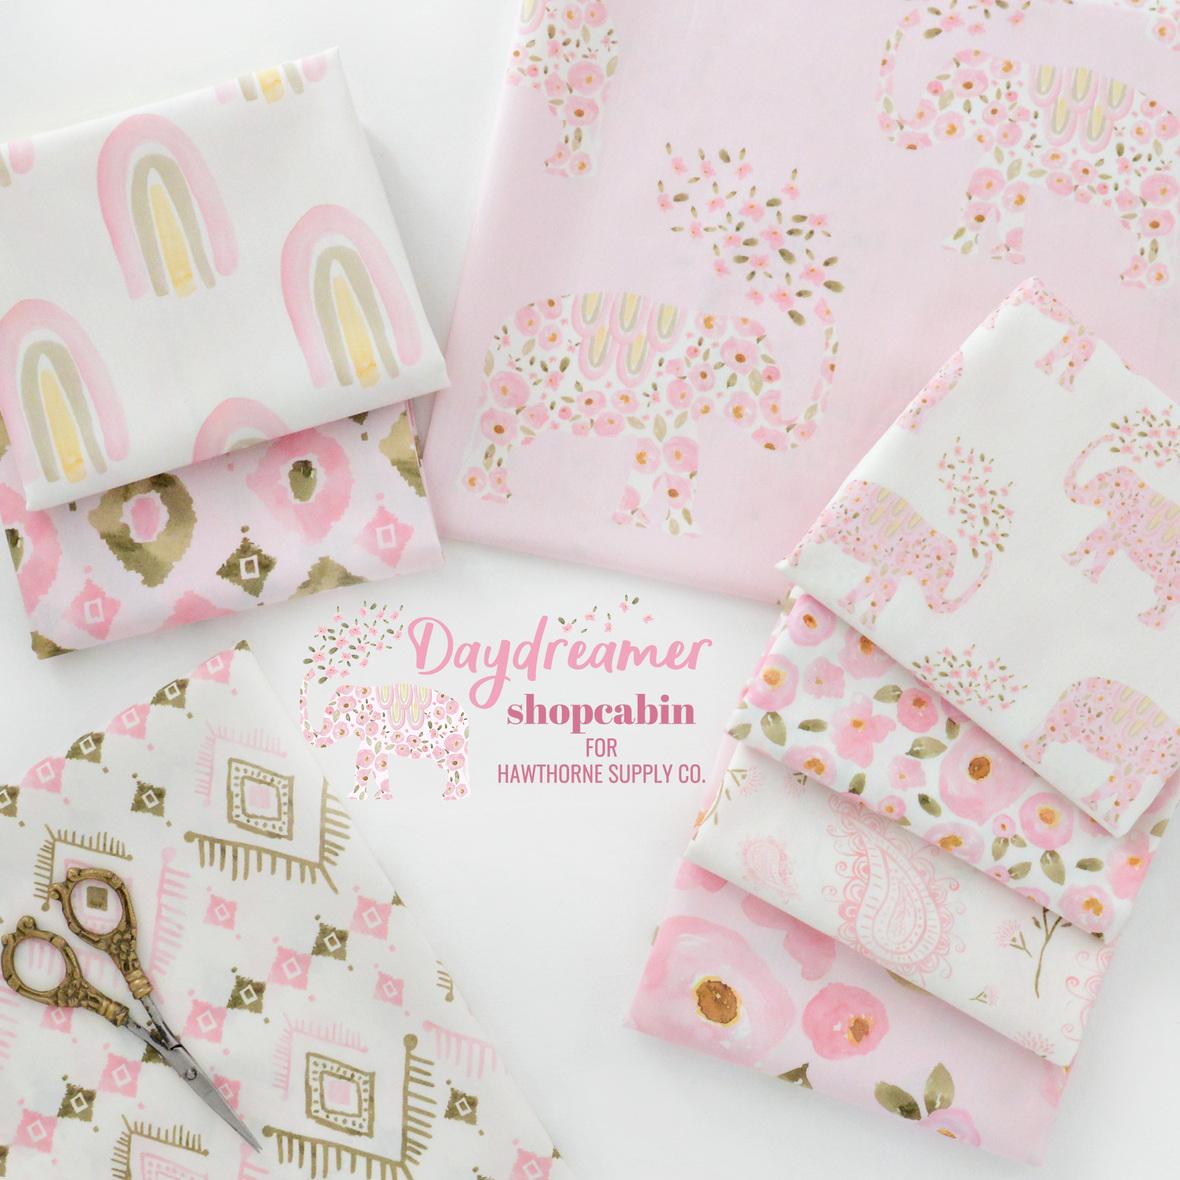 shopcabin Daydreamer fabric poster  2